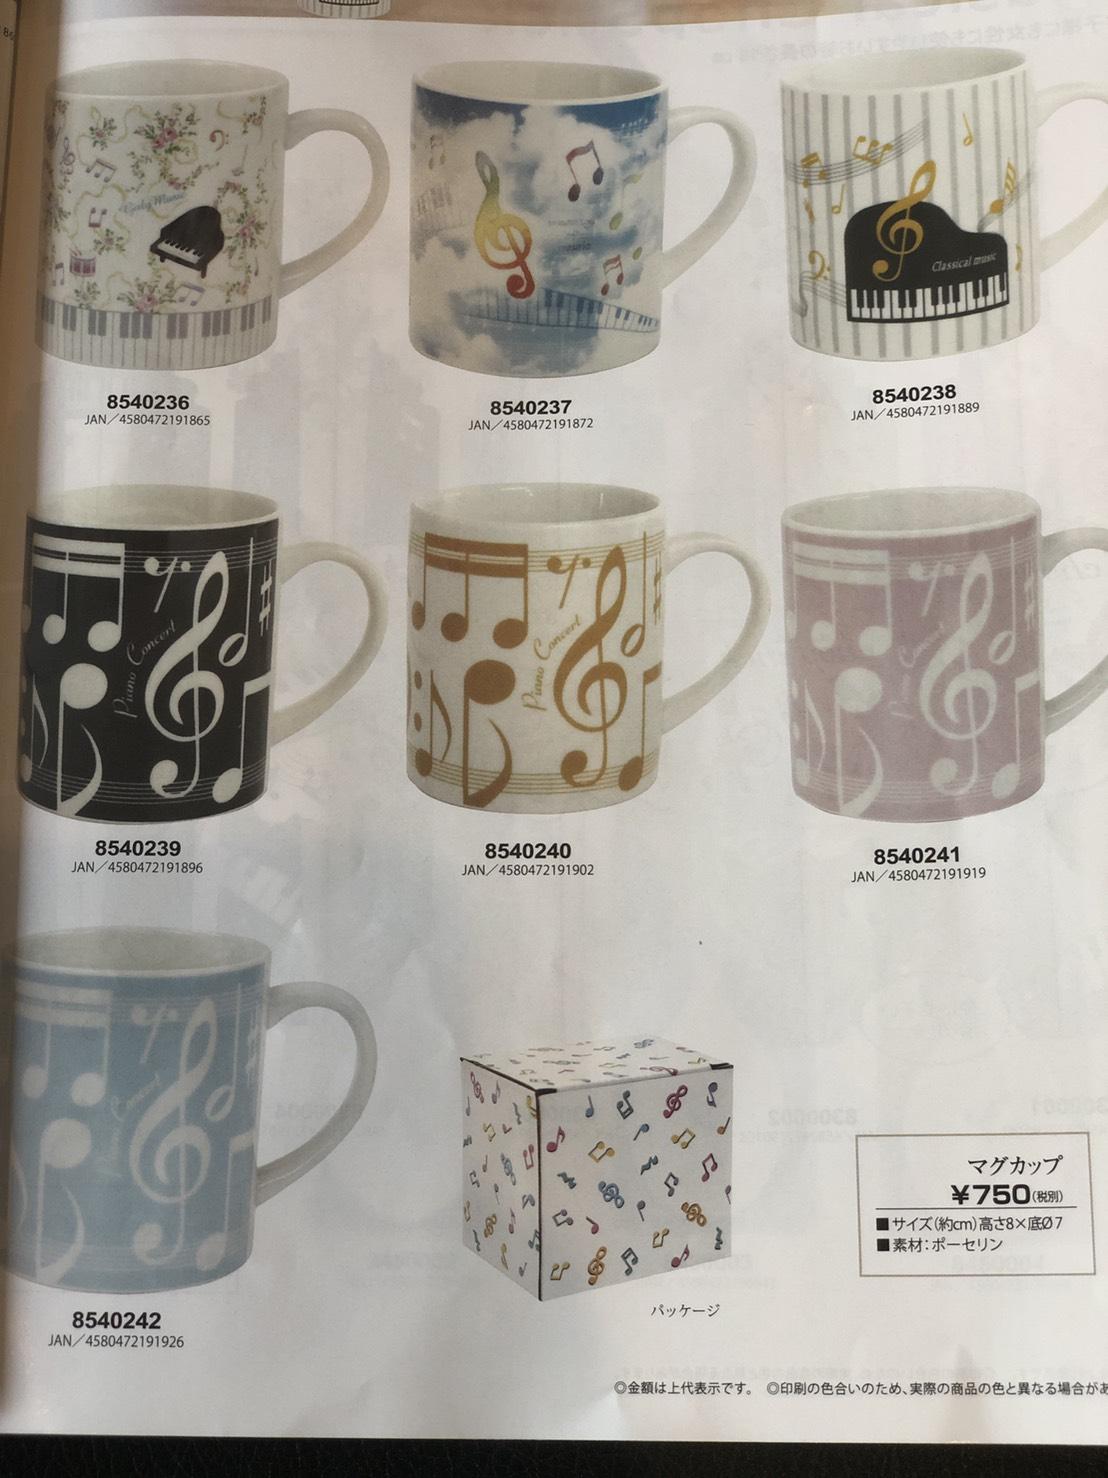 マグカップ ♪※在庫有りと書いてあっても、お取り寄せ商品は受注後にメーカー注文になります。※☆【音符・小物グッズ-音楽雑貨】【音楽雑貨】  音楽グッズ  <br>バレエ発表会 記念品 プレゼントに最適 ♪